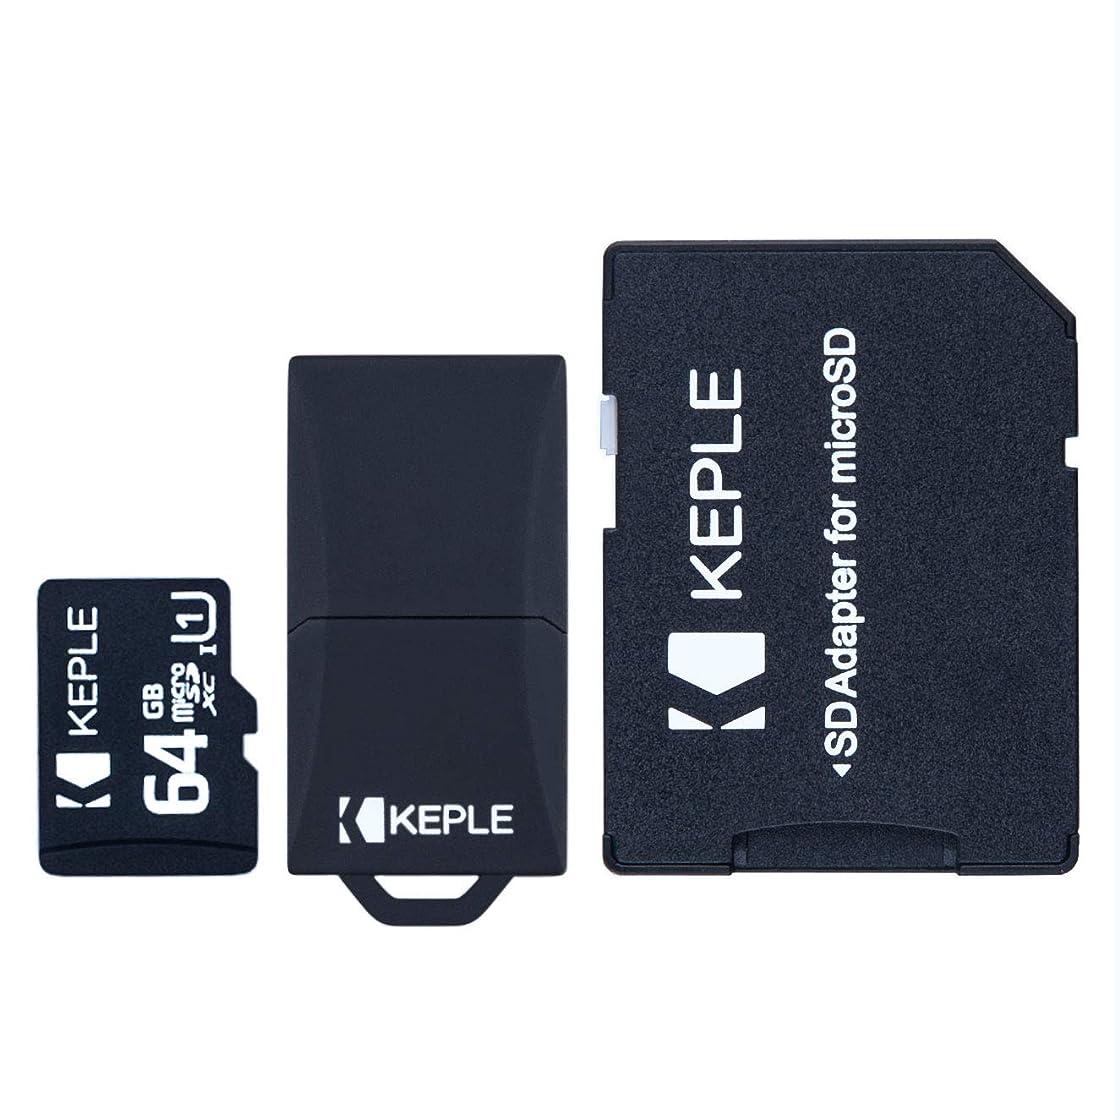 ウィザード拾うくしゃくしゃKeple 64GBmicroSDメモリーカード マイクロSDクラス10 サムスン Galaxy Tab S2 8.0、E SM-T560、S2 SM-T813、A SM-T580、3 Lite SM-T110、Linx、Tab 4 - (7、8、10.1インチ) タブレット PC | 64GB用